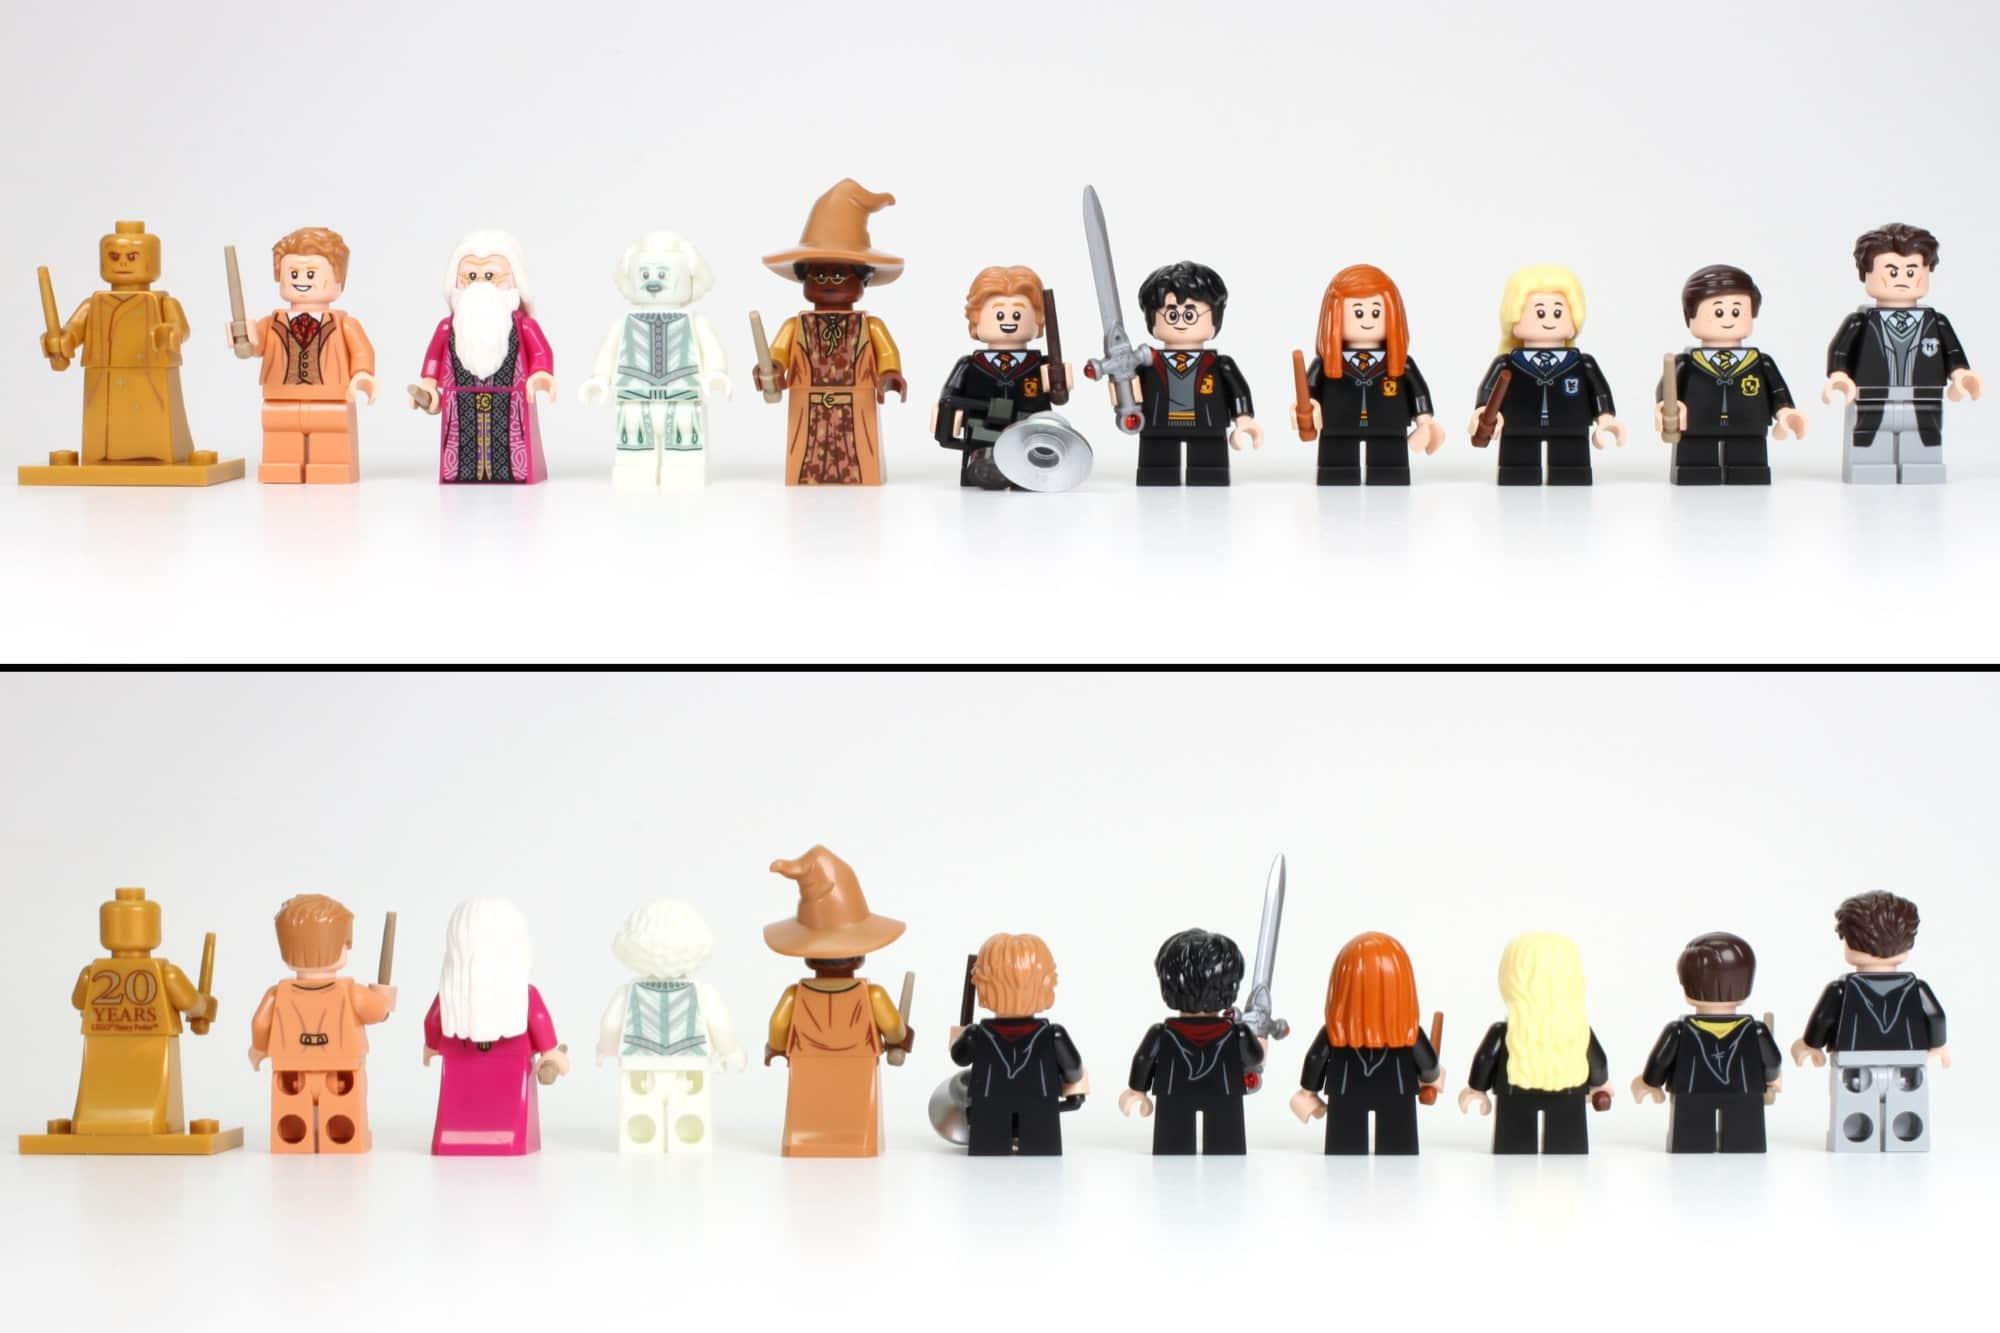 LEGO Harry Potter 76389 Hogwarts Kammer Des Schreckens Minifiguren Übersicht